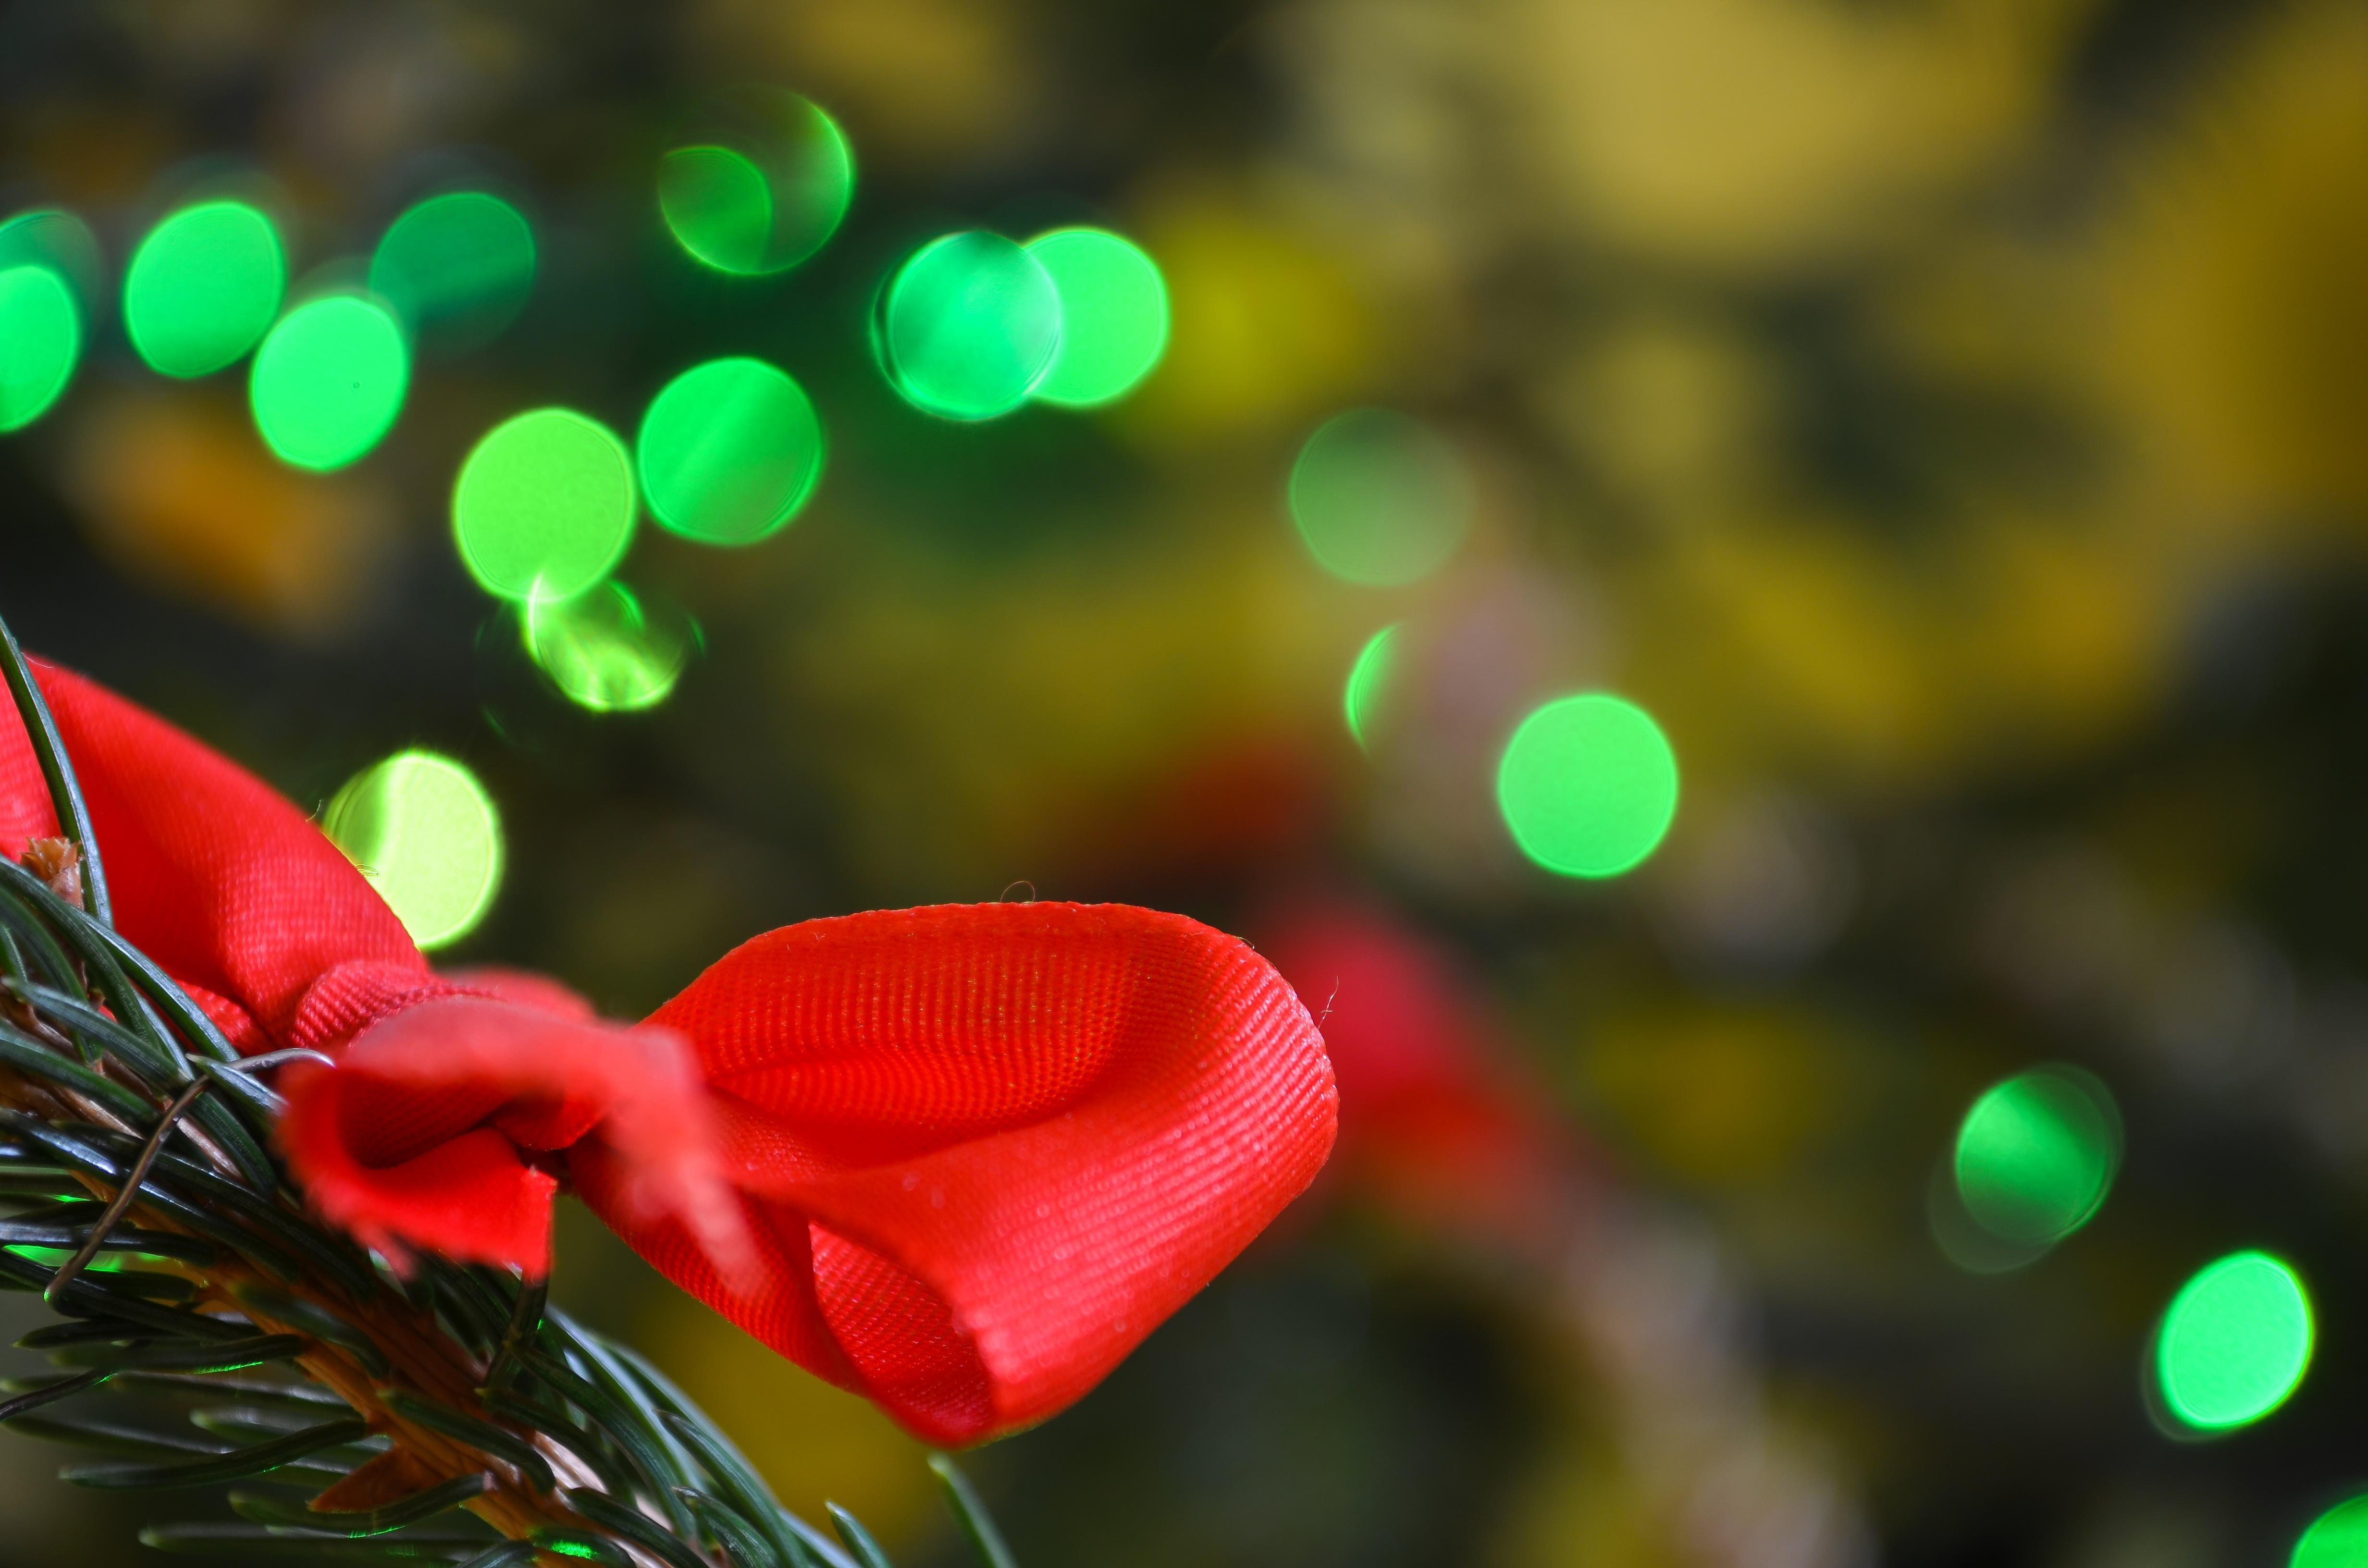 Free Images : branch, blossom, plant, leaf, flower, petal, red ...